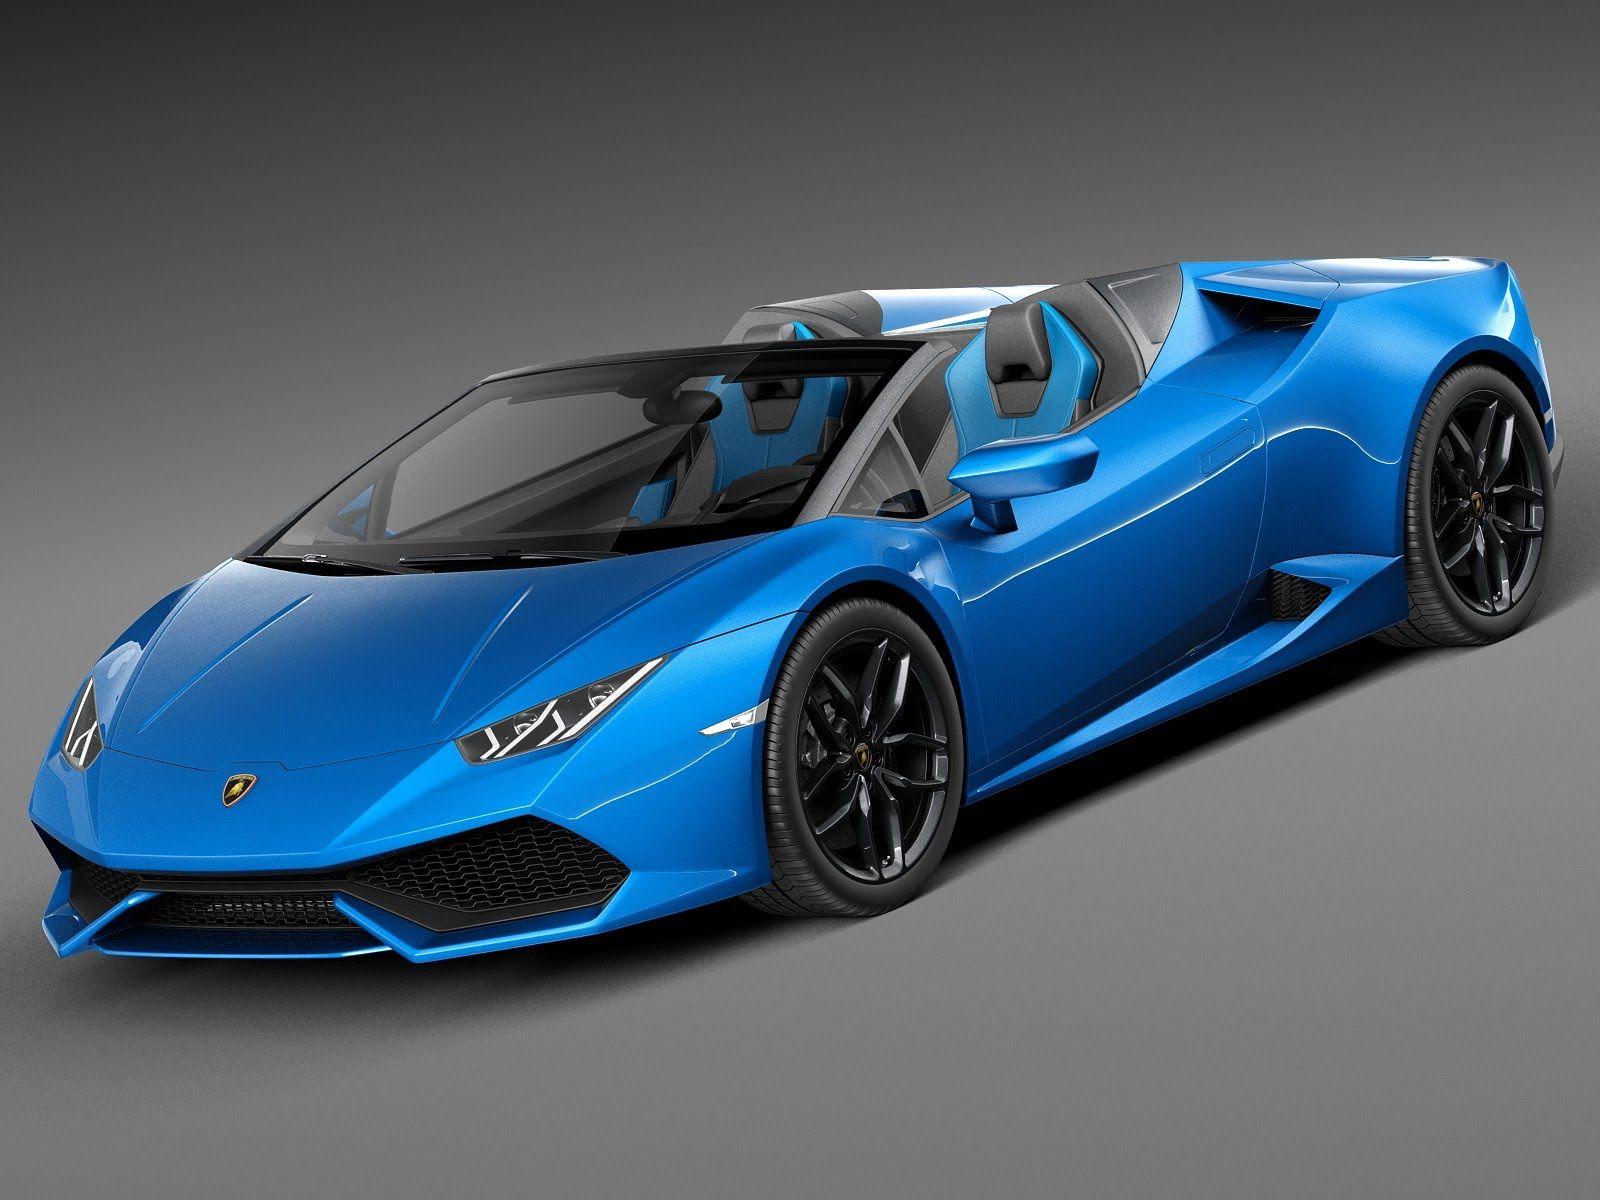 ec0a3dad09c14cb4730bae64633ac236 Marvelous Lamborghini Huracan Price In Uae Cars Trend